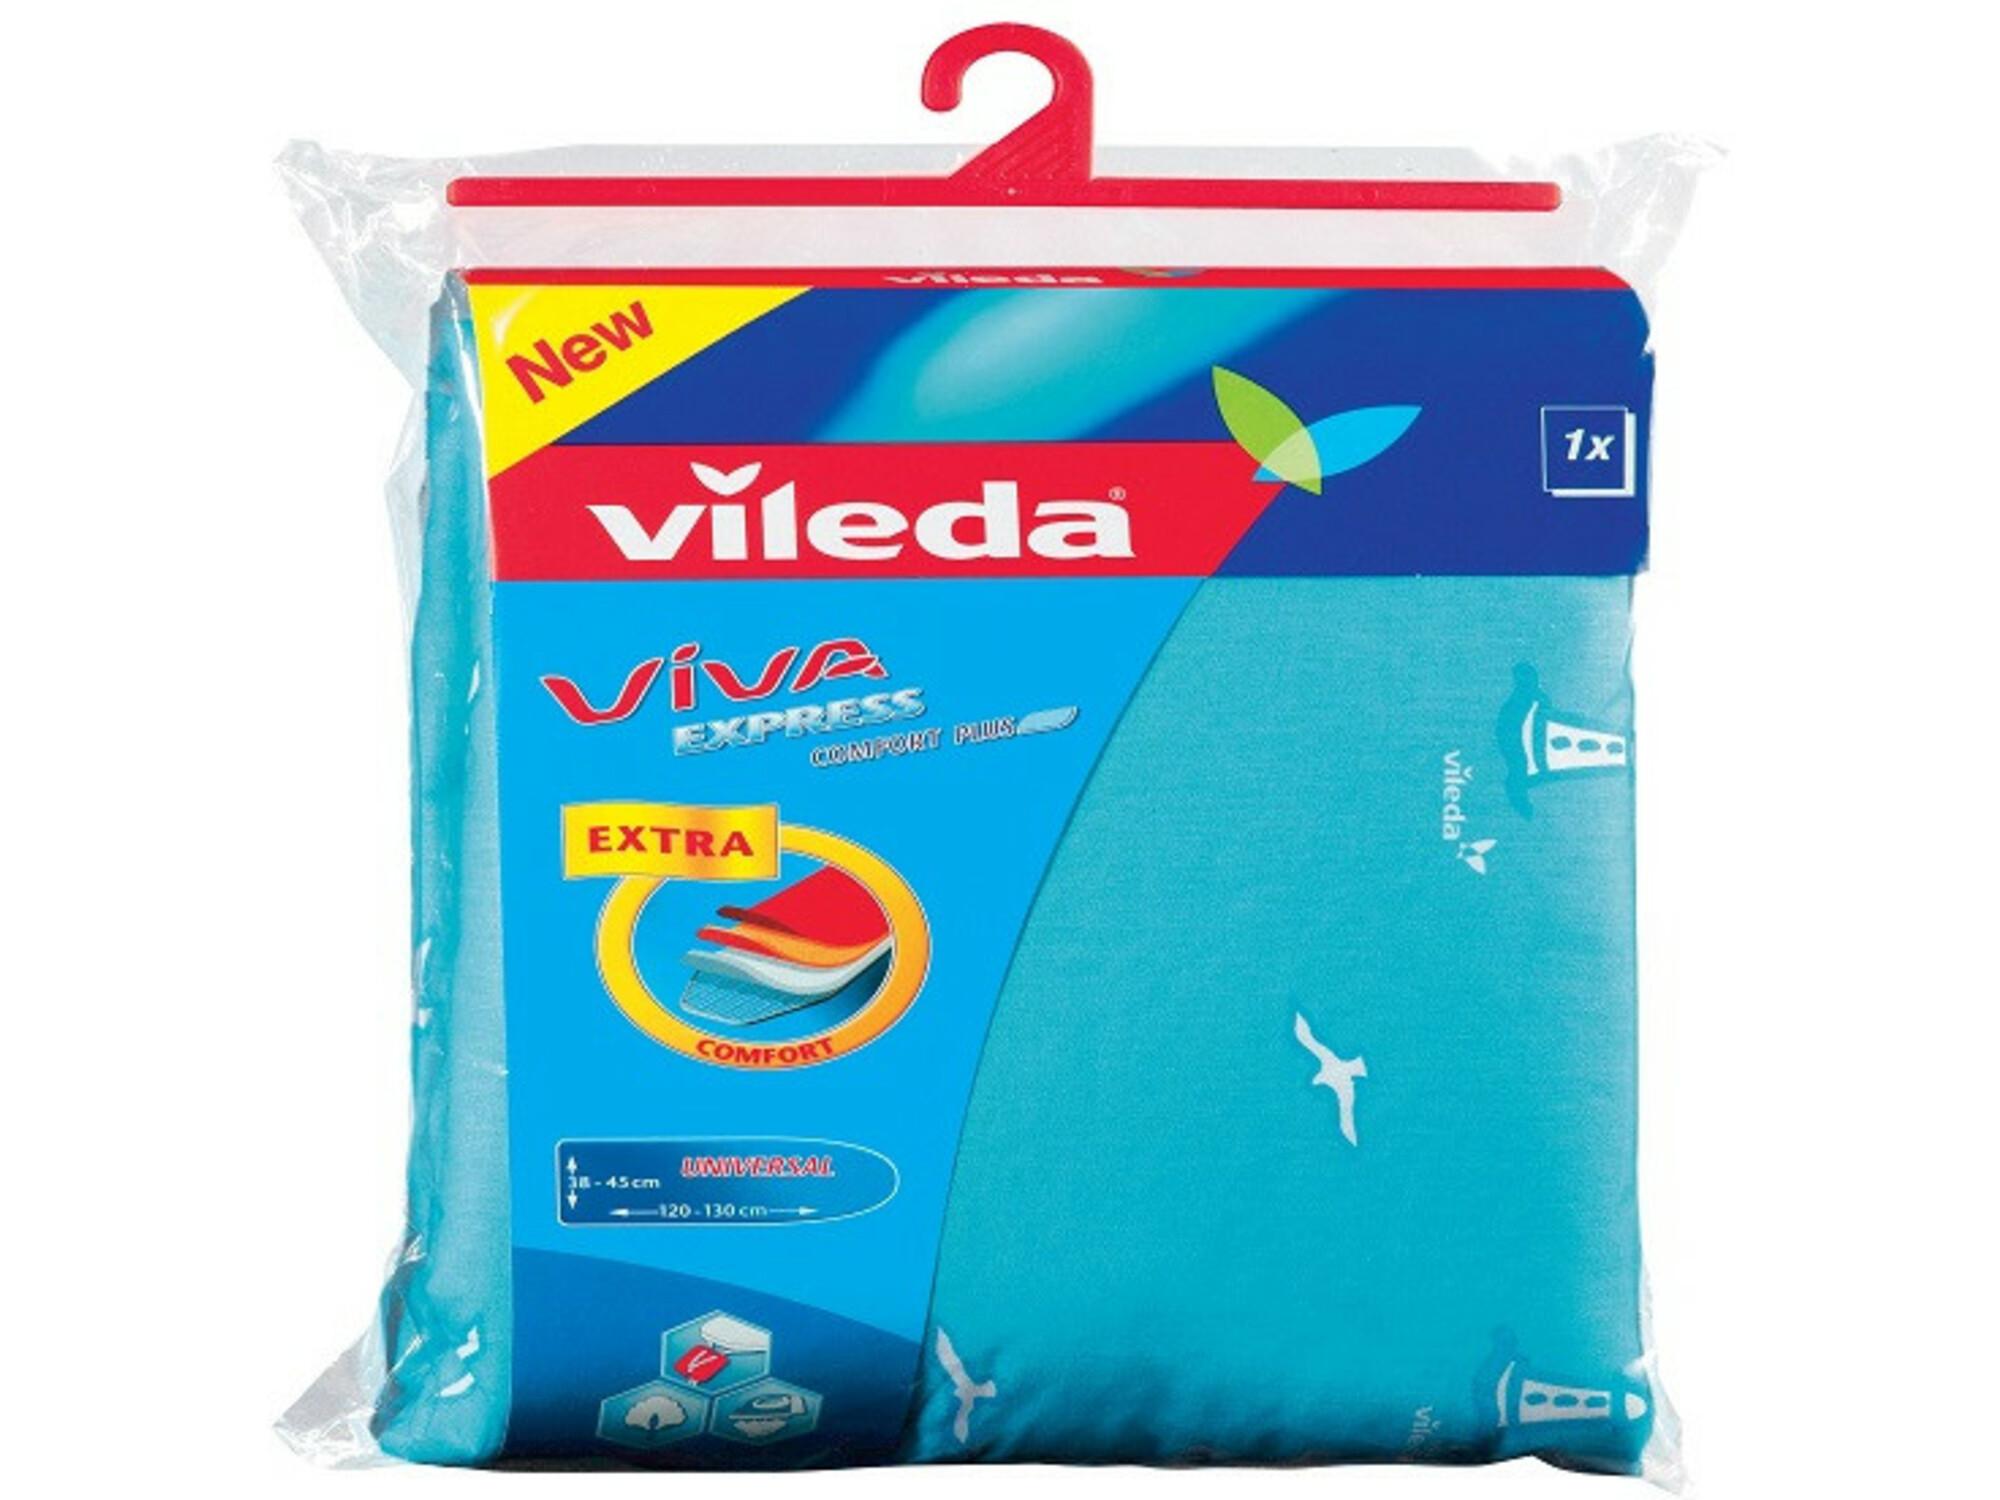 Vileda Viva navlaka comfort plus 6701902